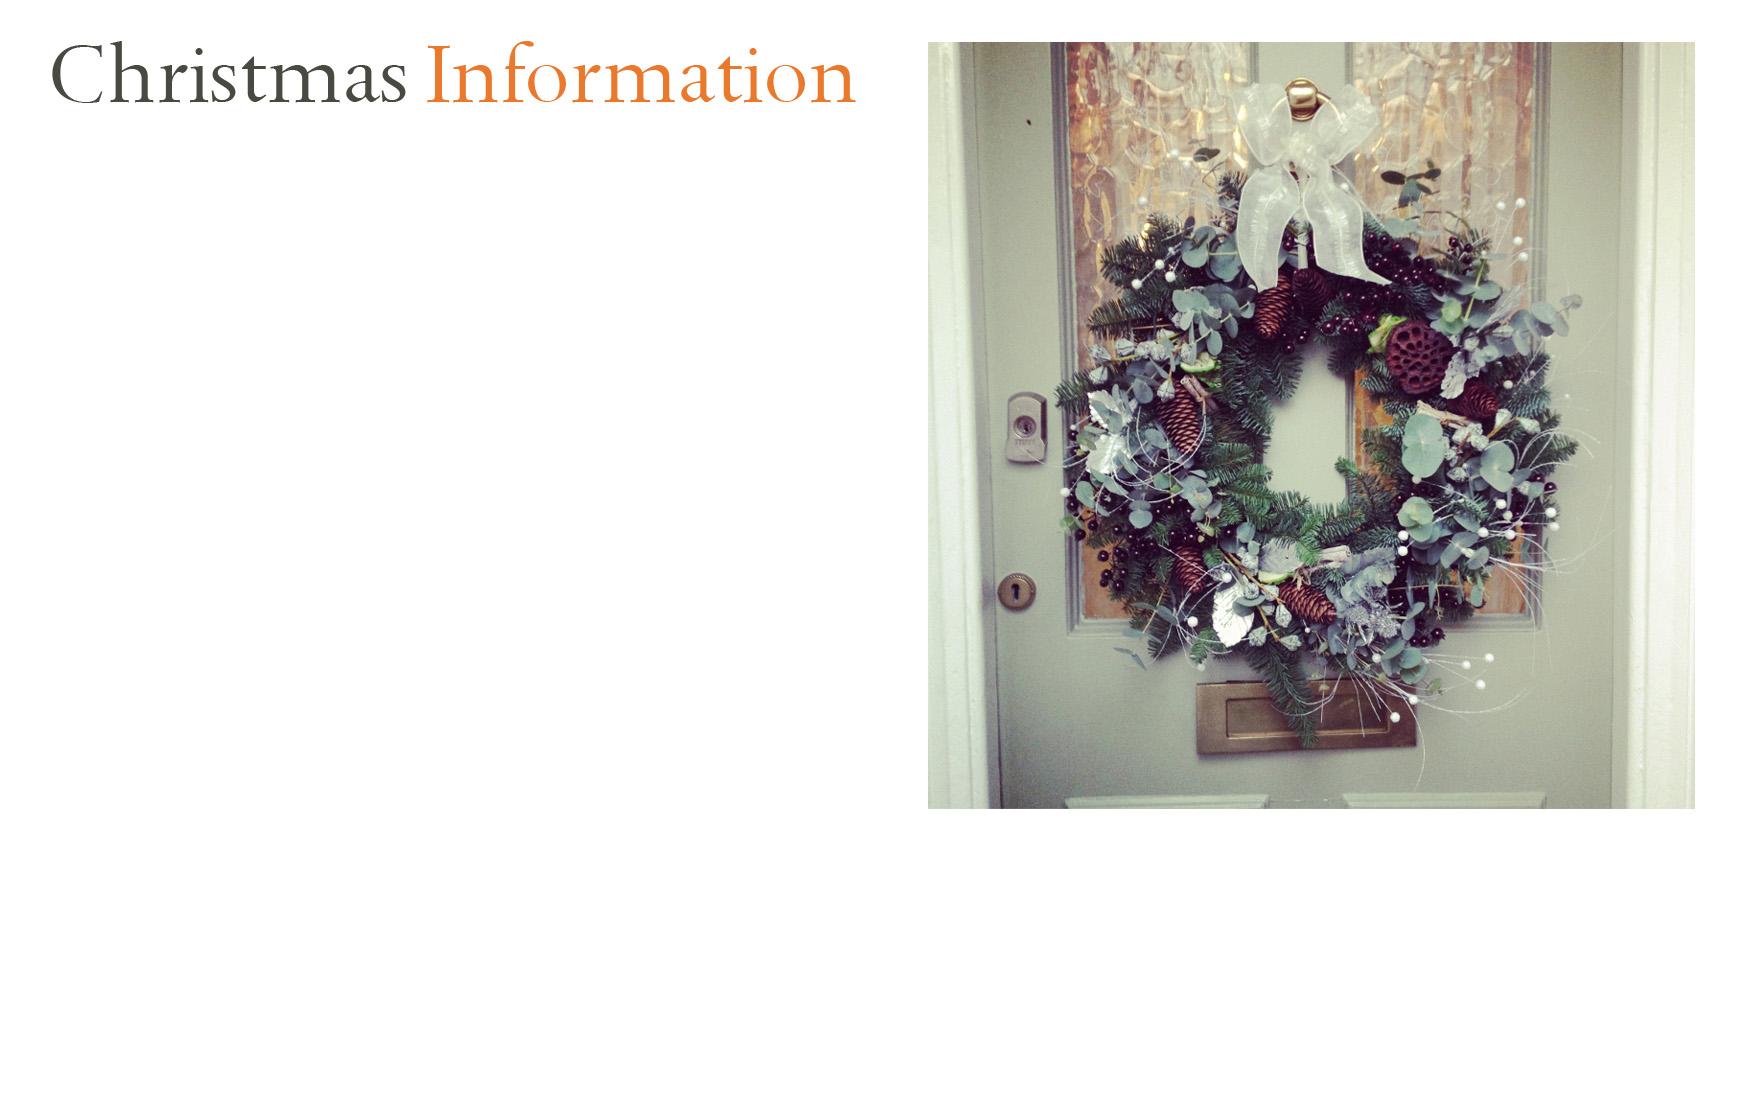 Xmas_Information.jpg